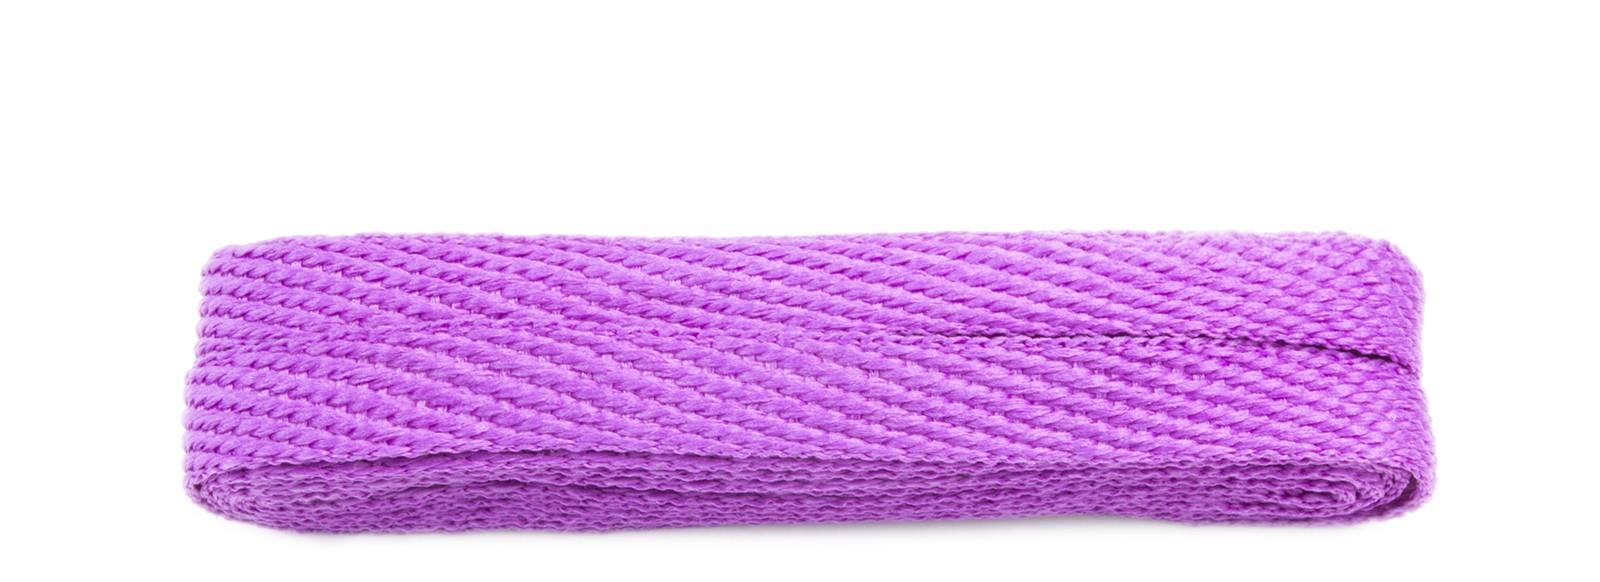 Violet 120cm American Flat 10mm Banded